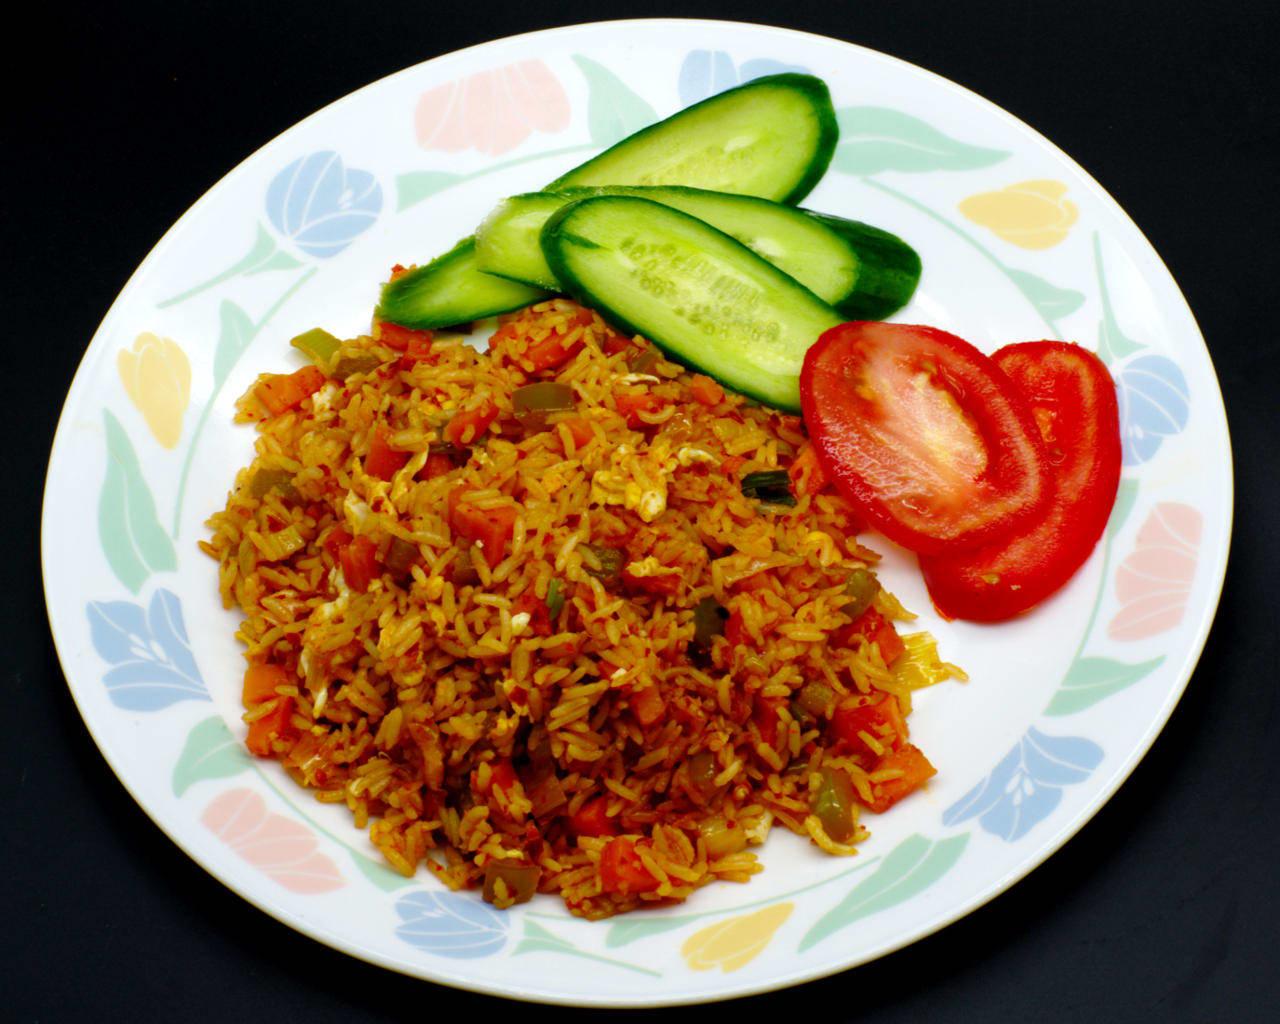 Nasi Goreng With Sambal Oelek Image